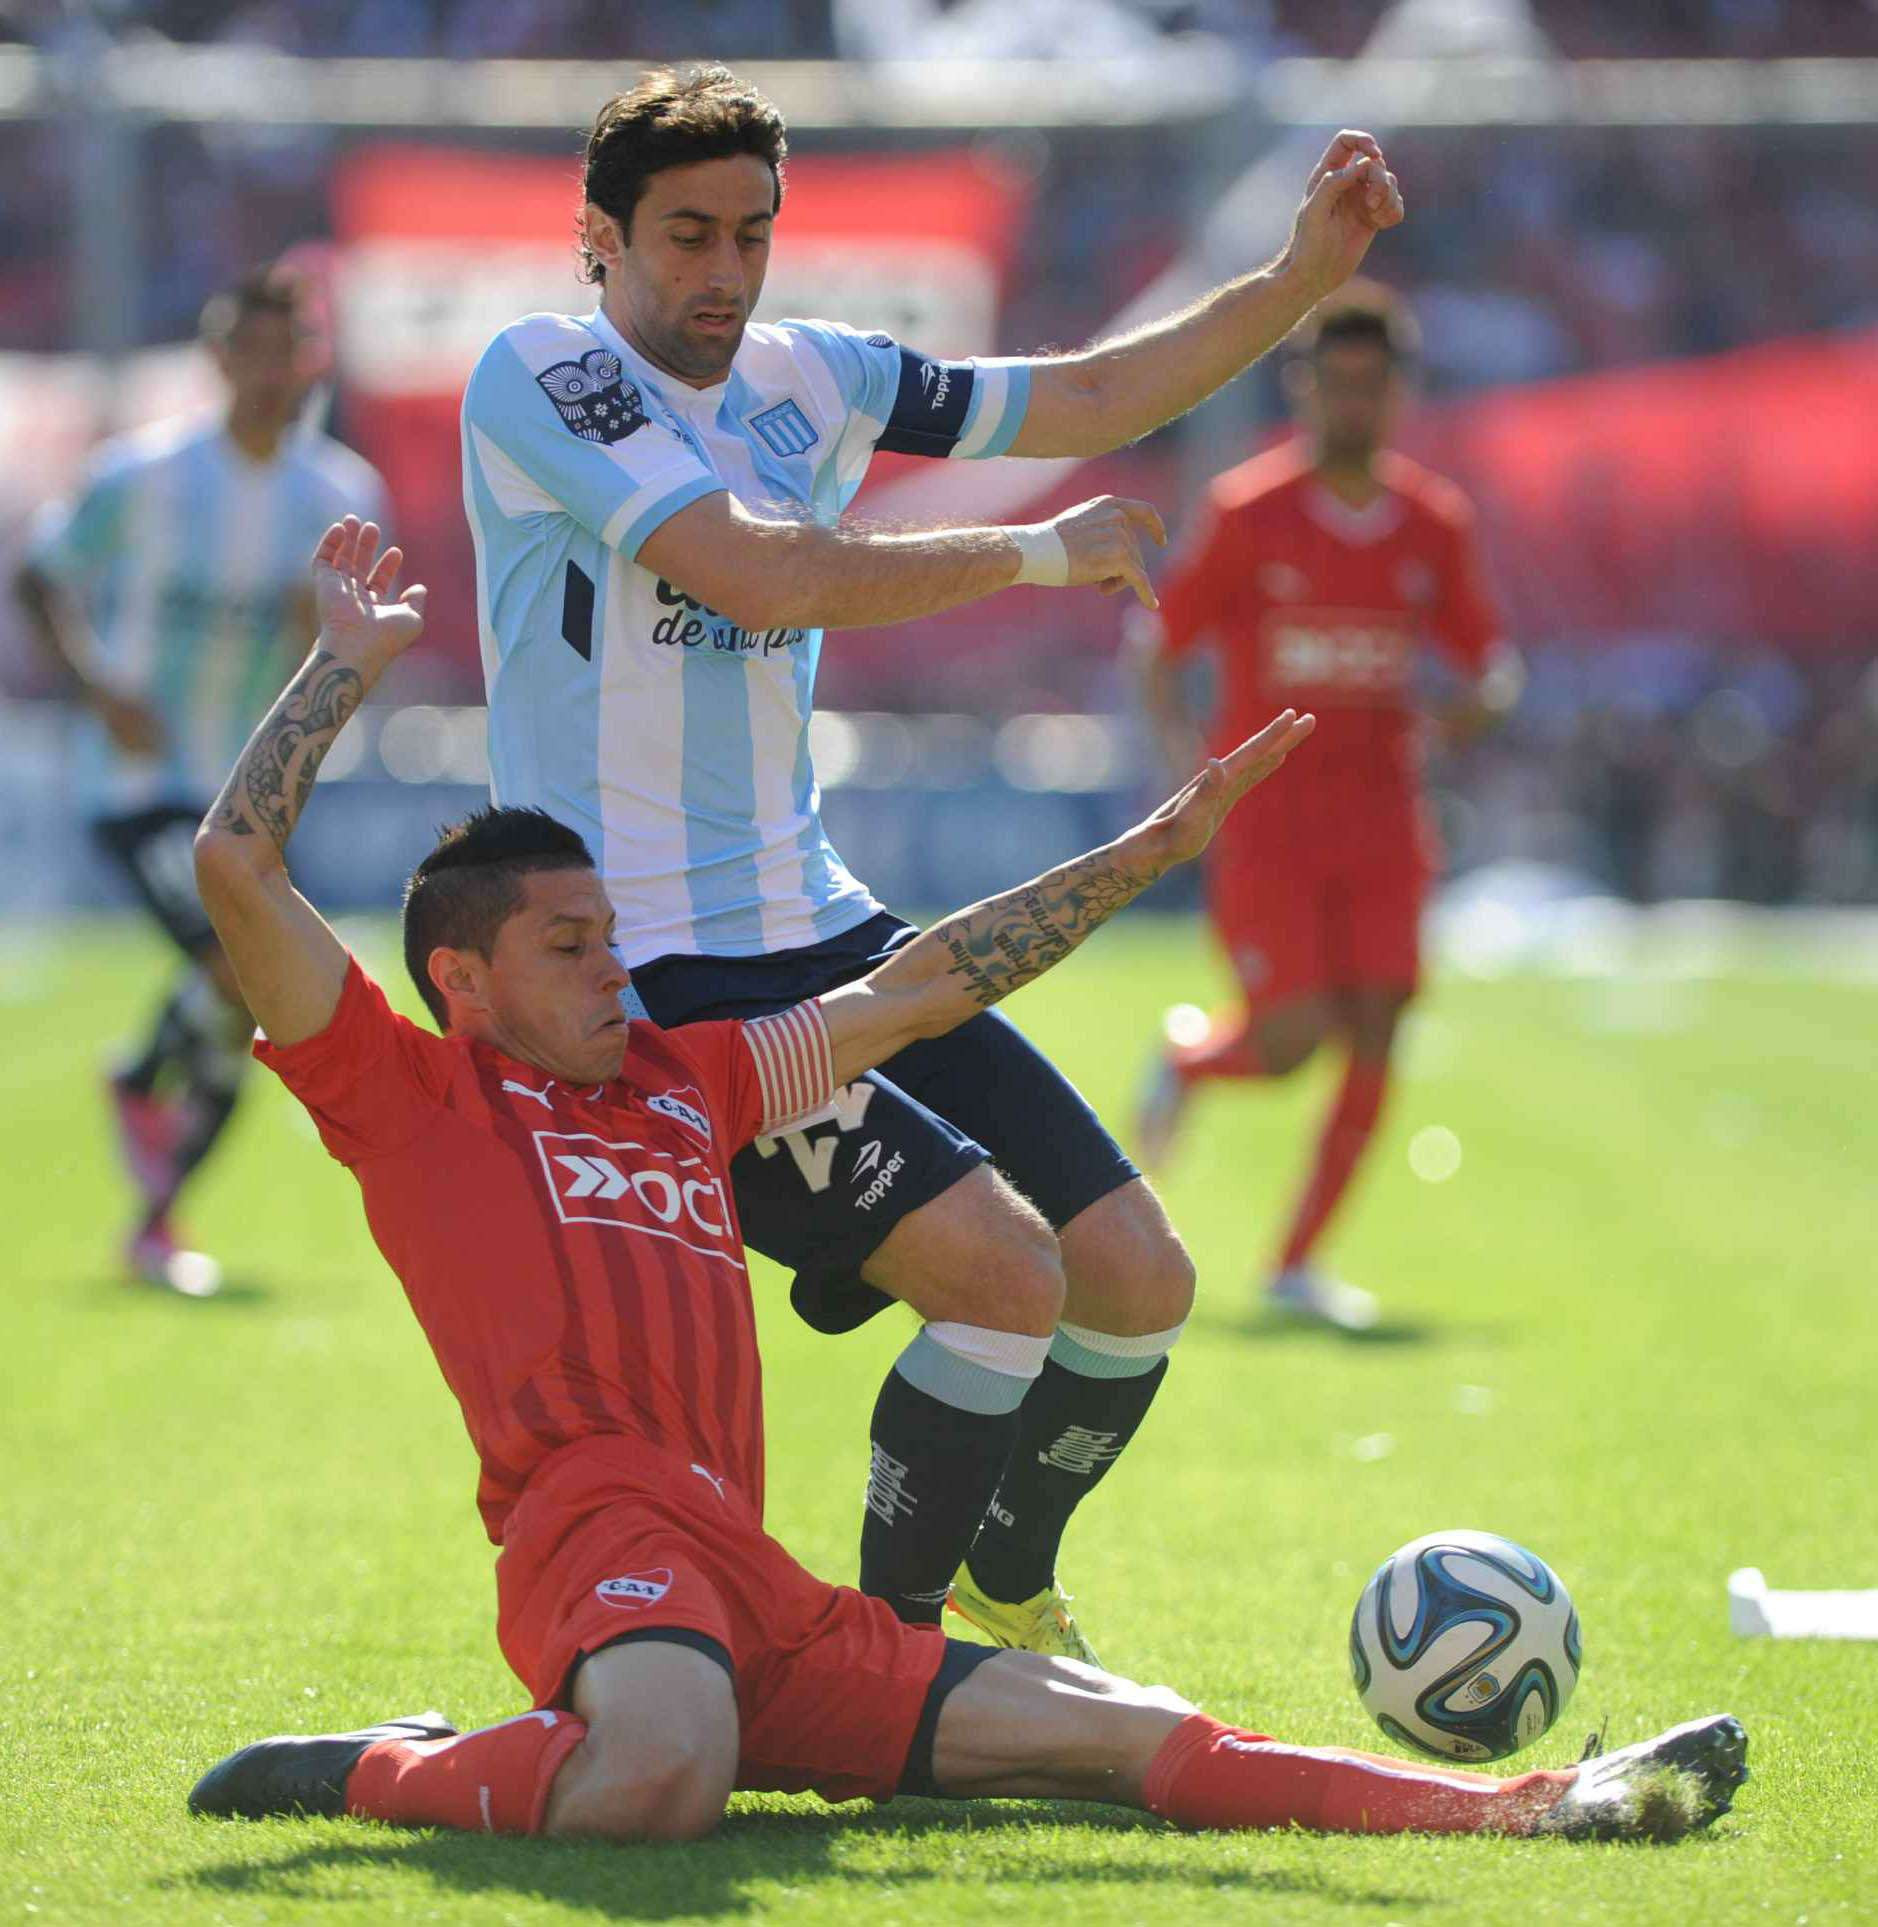 Independiente venció 2 a 1 a Racing en el clásico de Avellaneda disputado en el estadio del Rojo. Milito abrió el marcador para los albicelestes, pero Penco y Mancuello dieron vuelta el resultado. Foto: Agencias